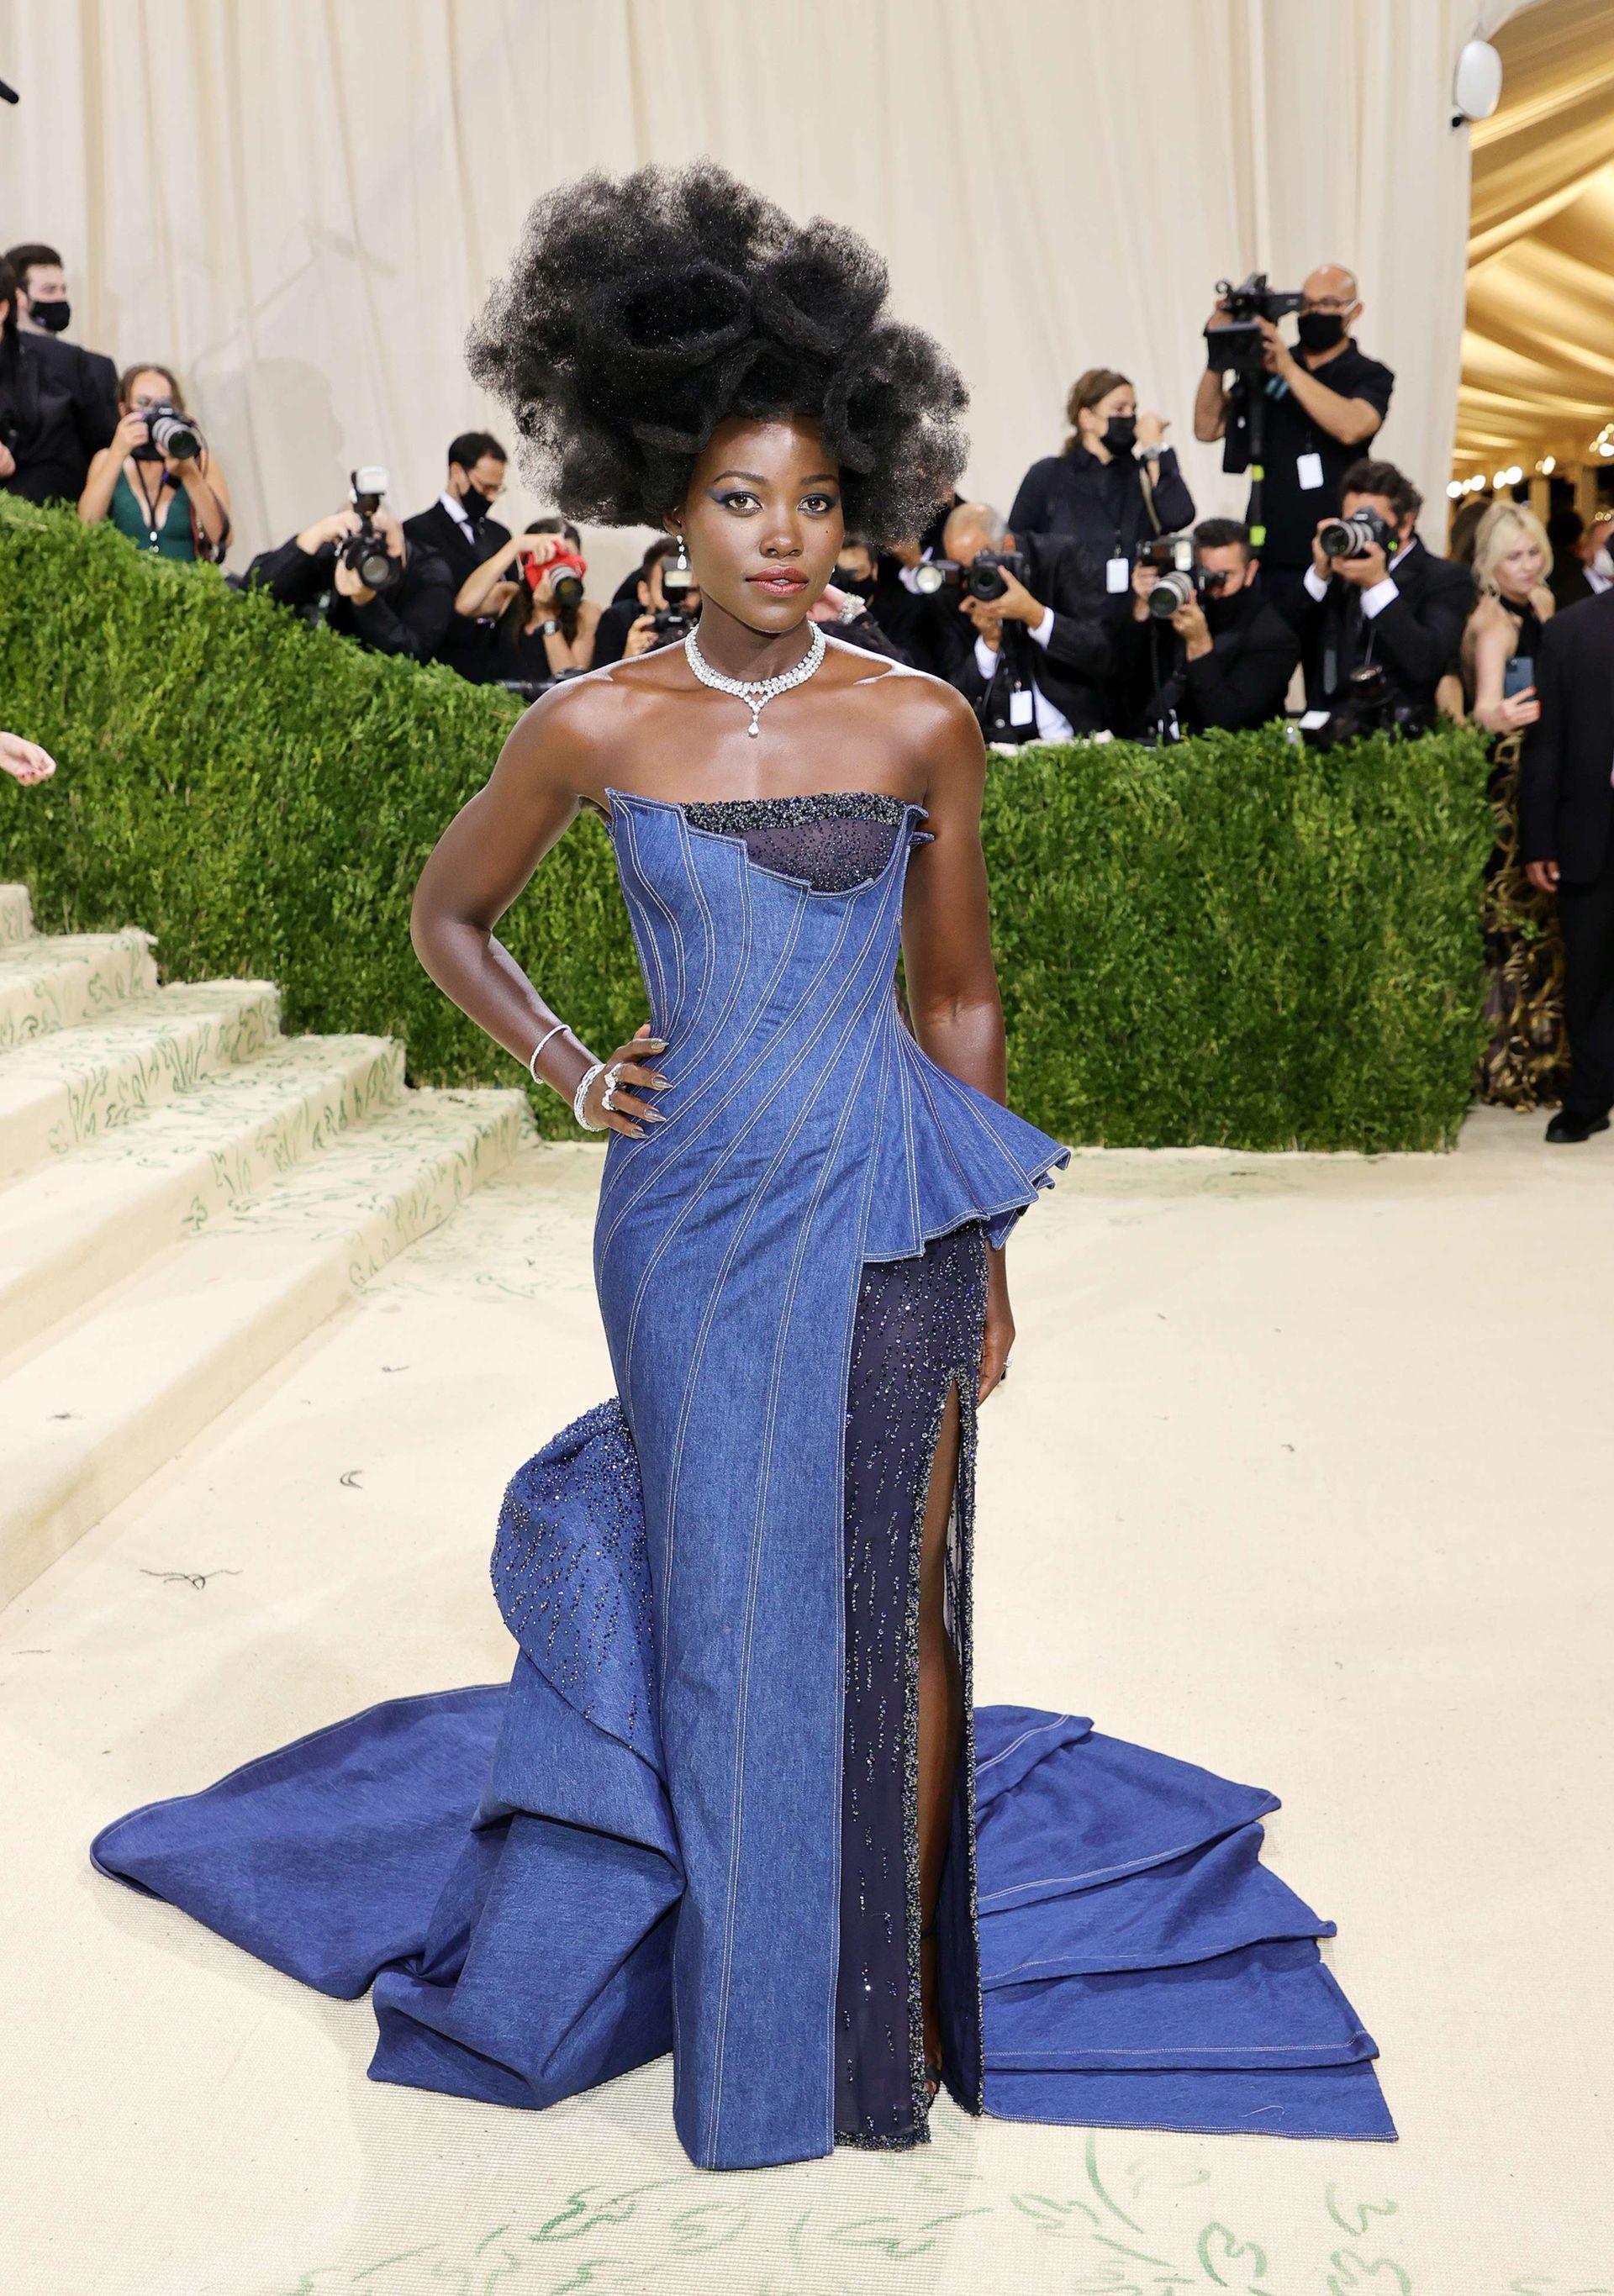 Atelier Versace diseñó un vestido de jean de alta costura con cola plisada y detalles de cristal para Lupita Nyong'o, que realzó su cuello con diamantes De Beers